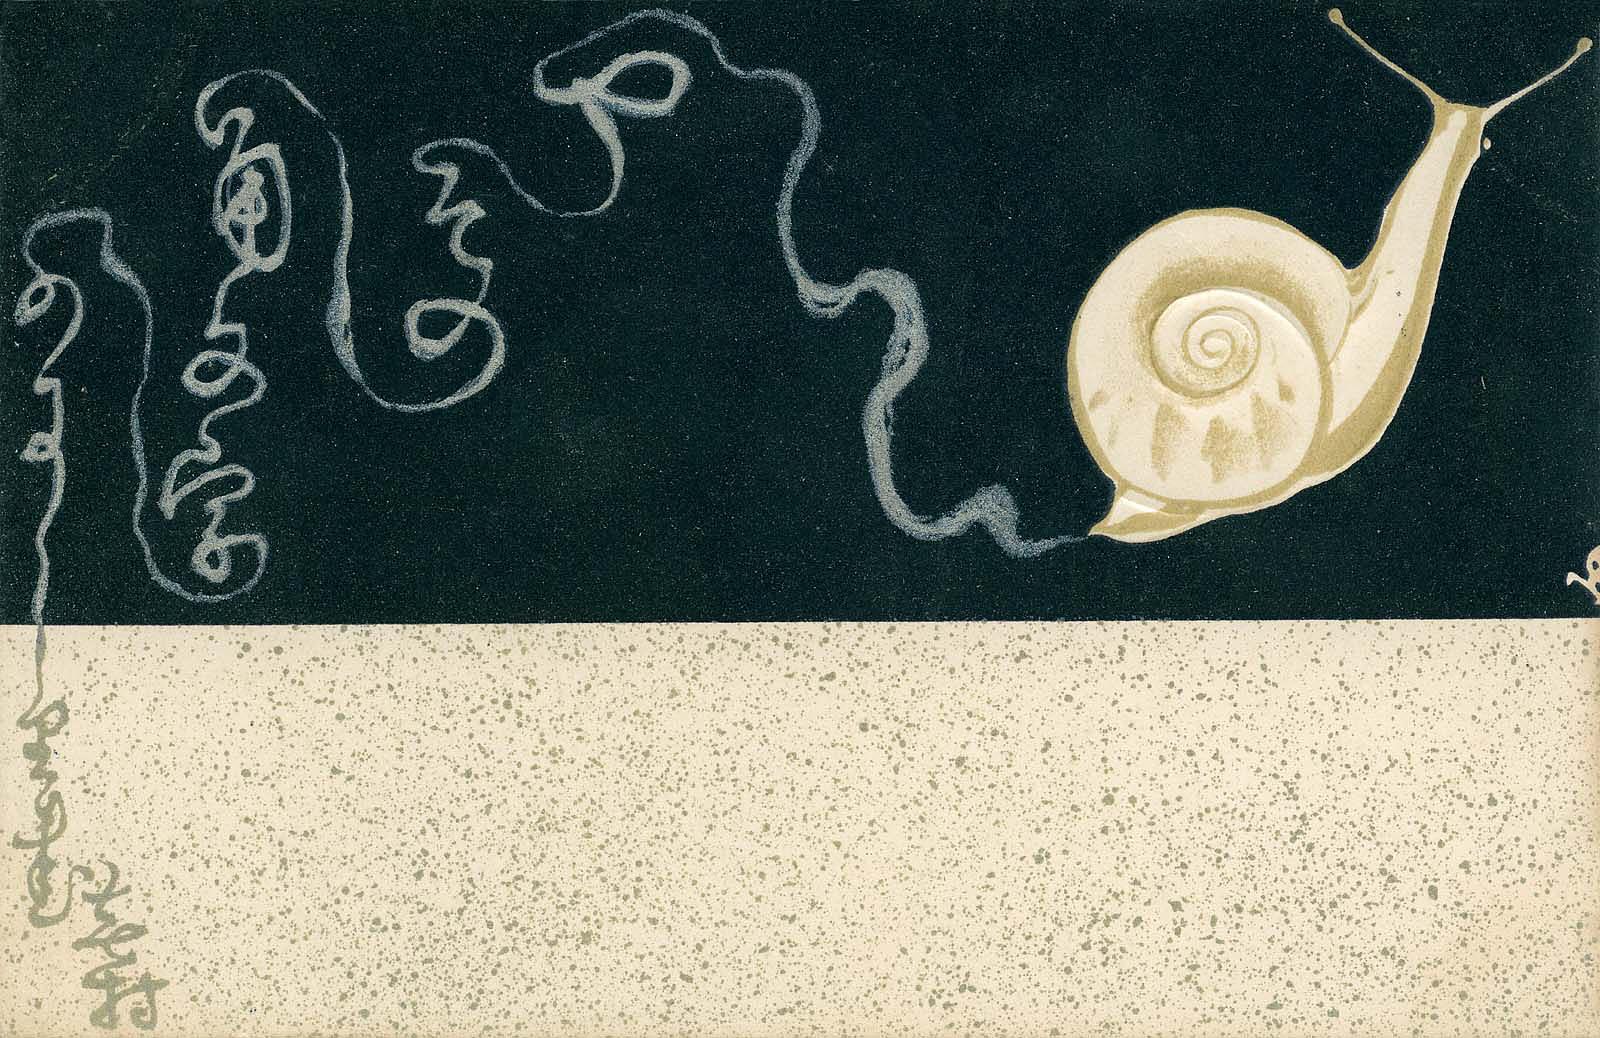 Сайто Шёшё Открытка Улитка и поэзия Бусона поздняя Мэйдзи.jpg